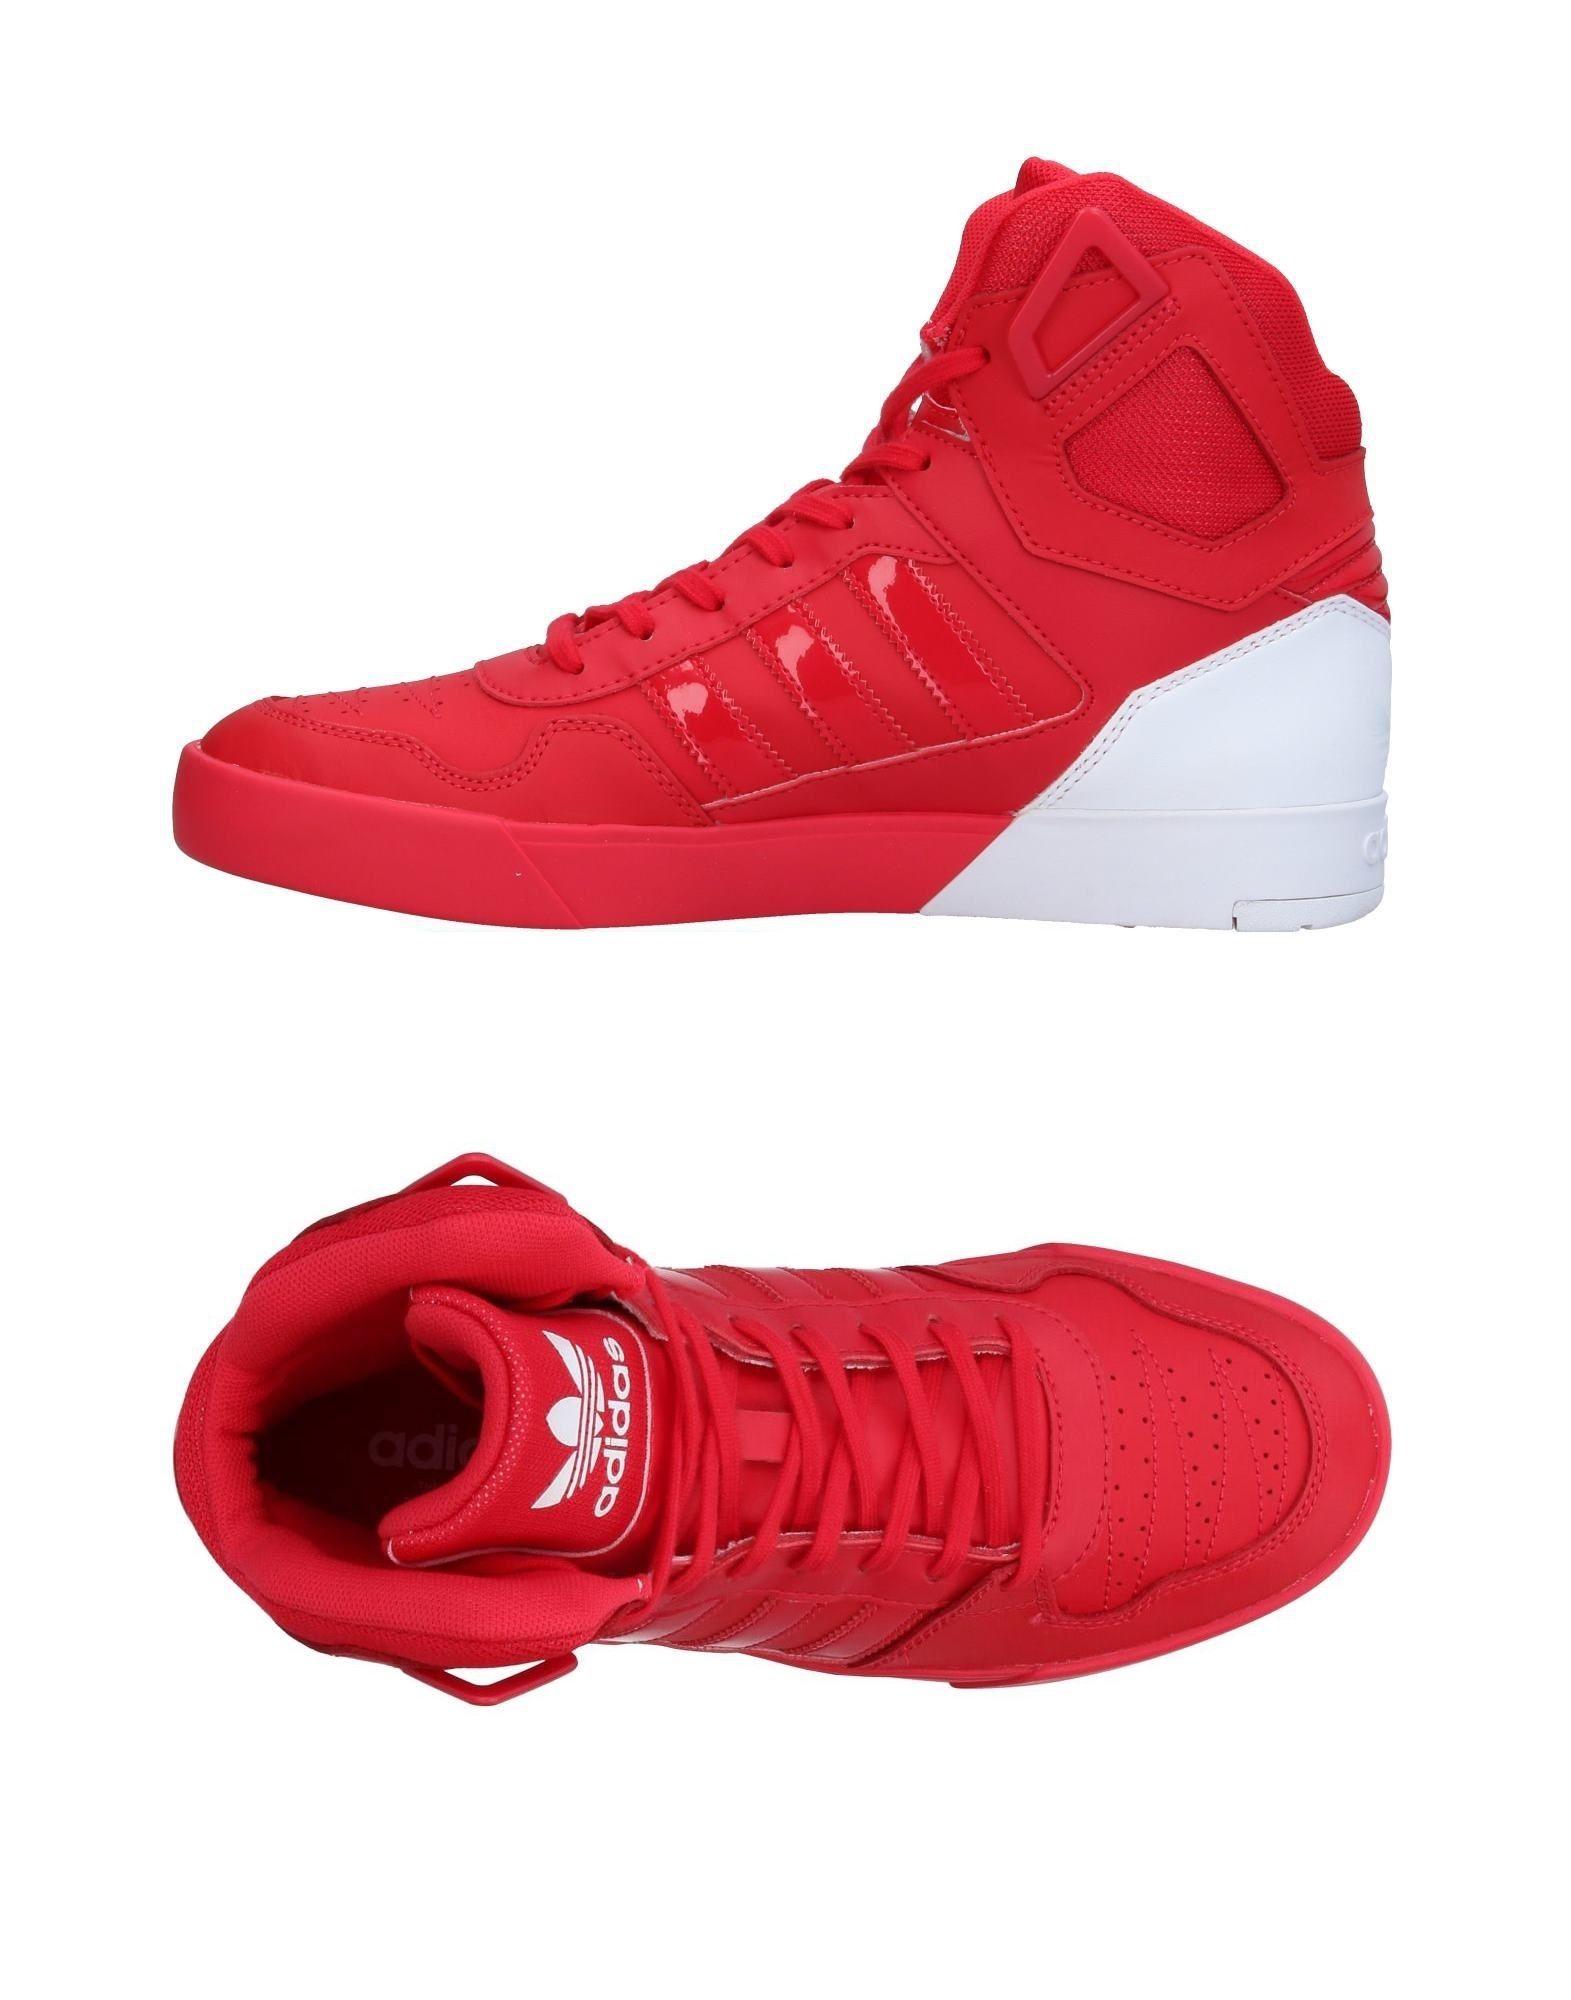 Adidas originali scarpe da ginnastica, red modesens